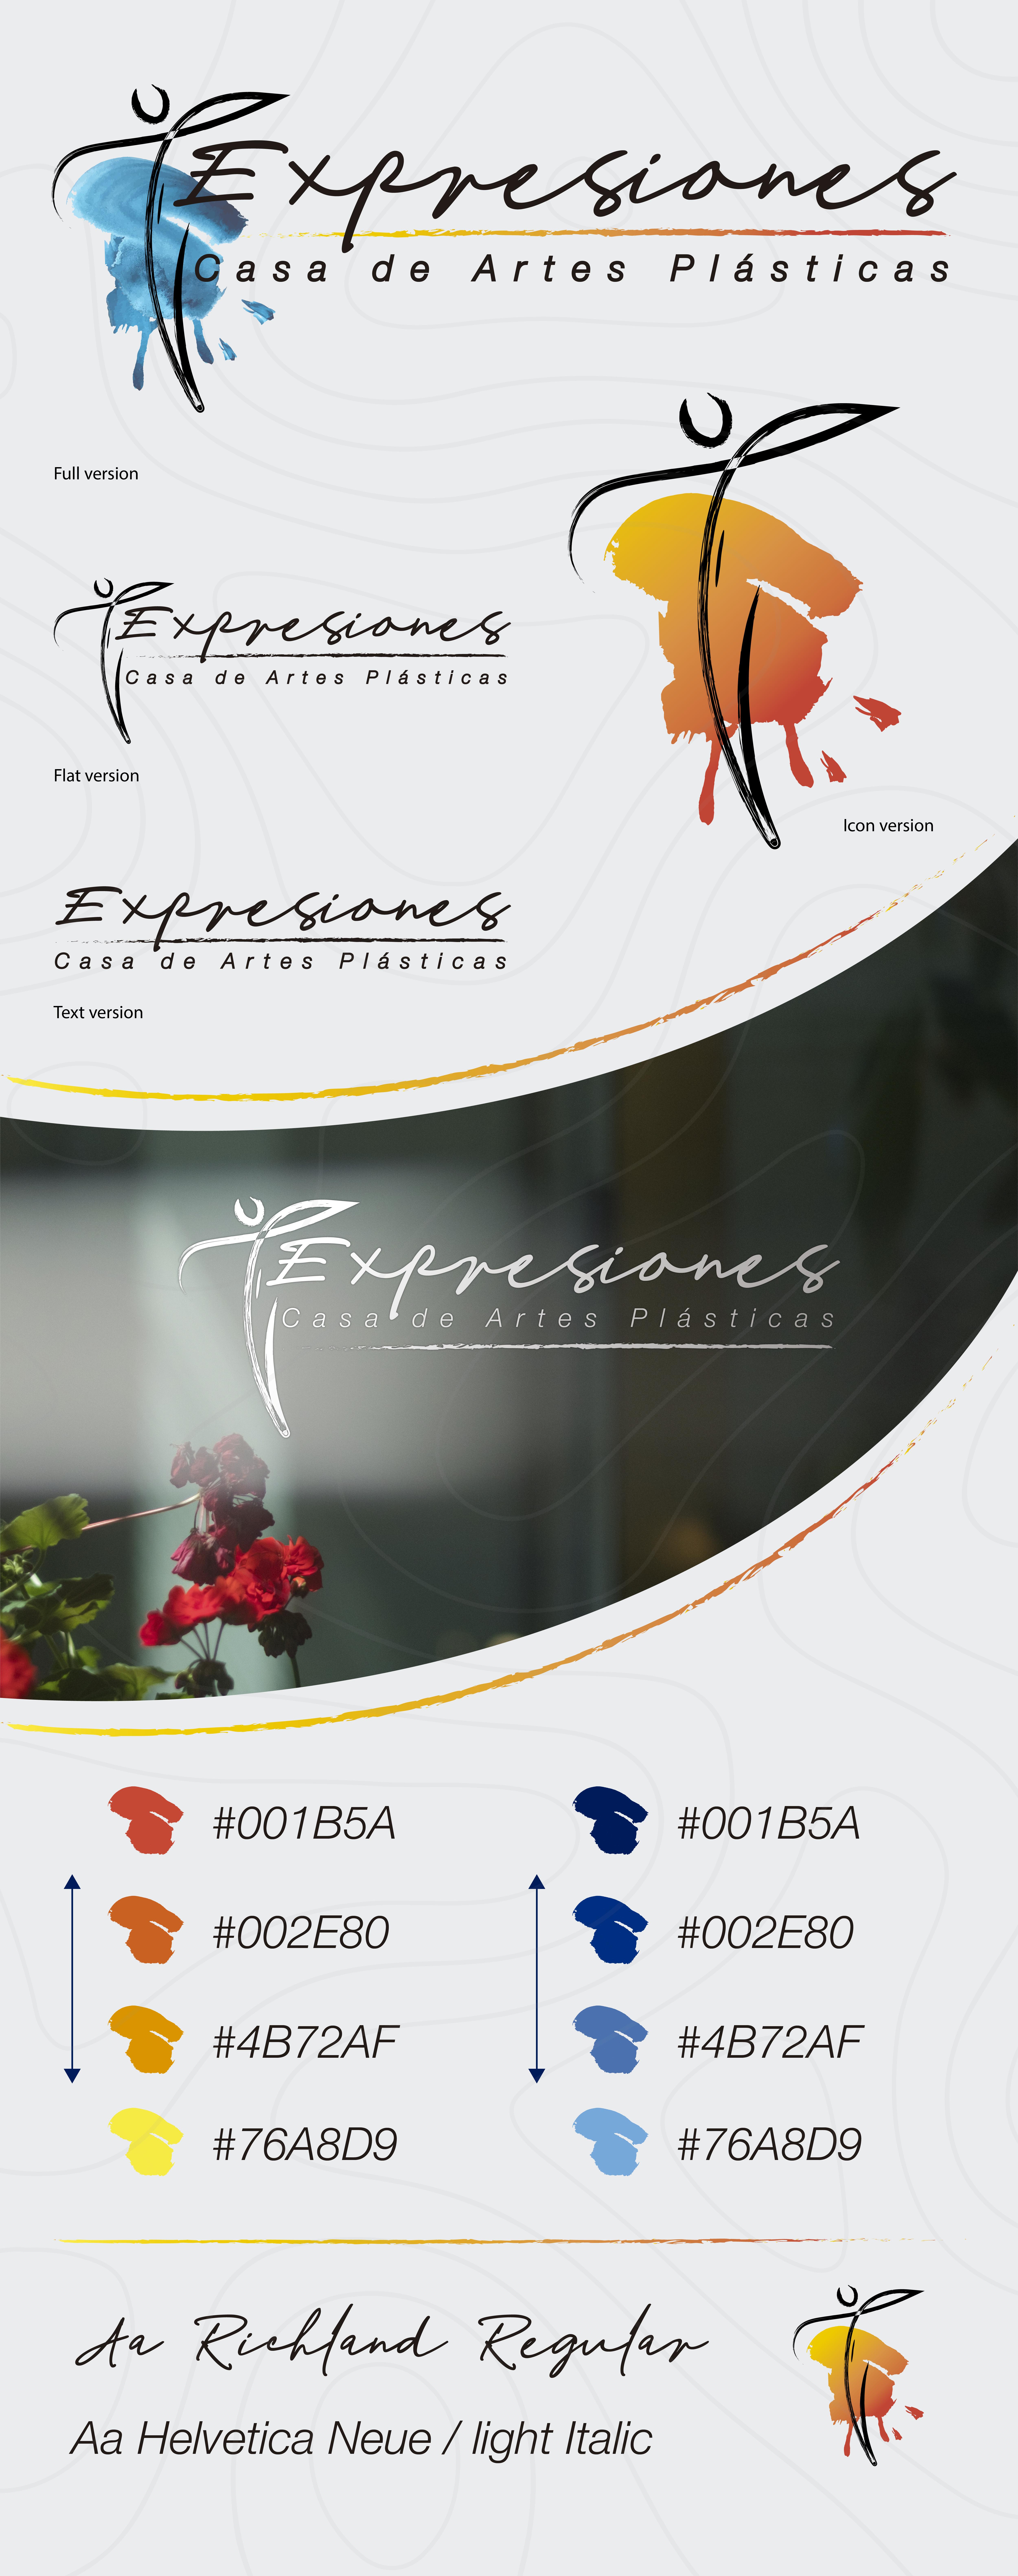 Expresiones.logo.pres.1